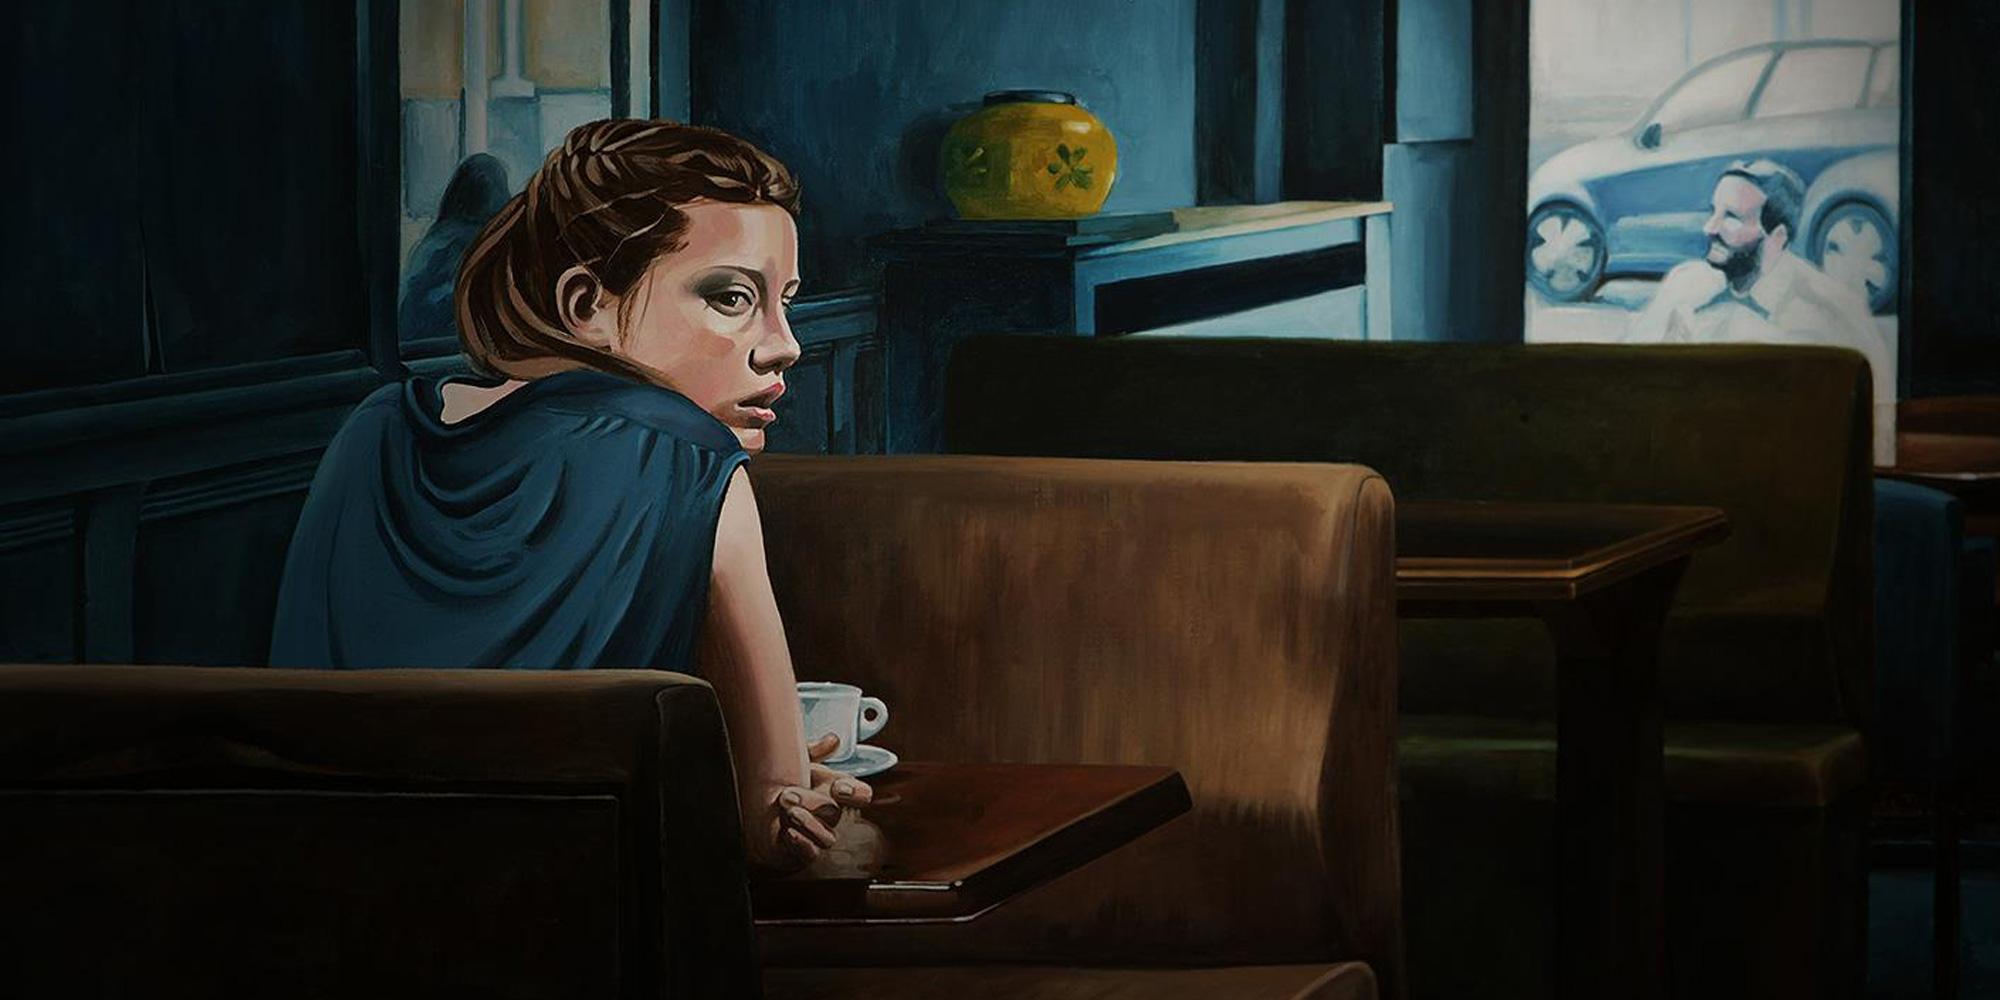 Részlet az Adéle élete című filmből - akril vásznon